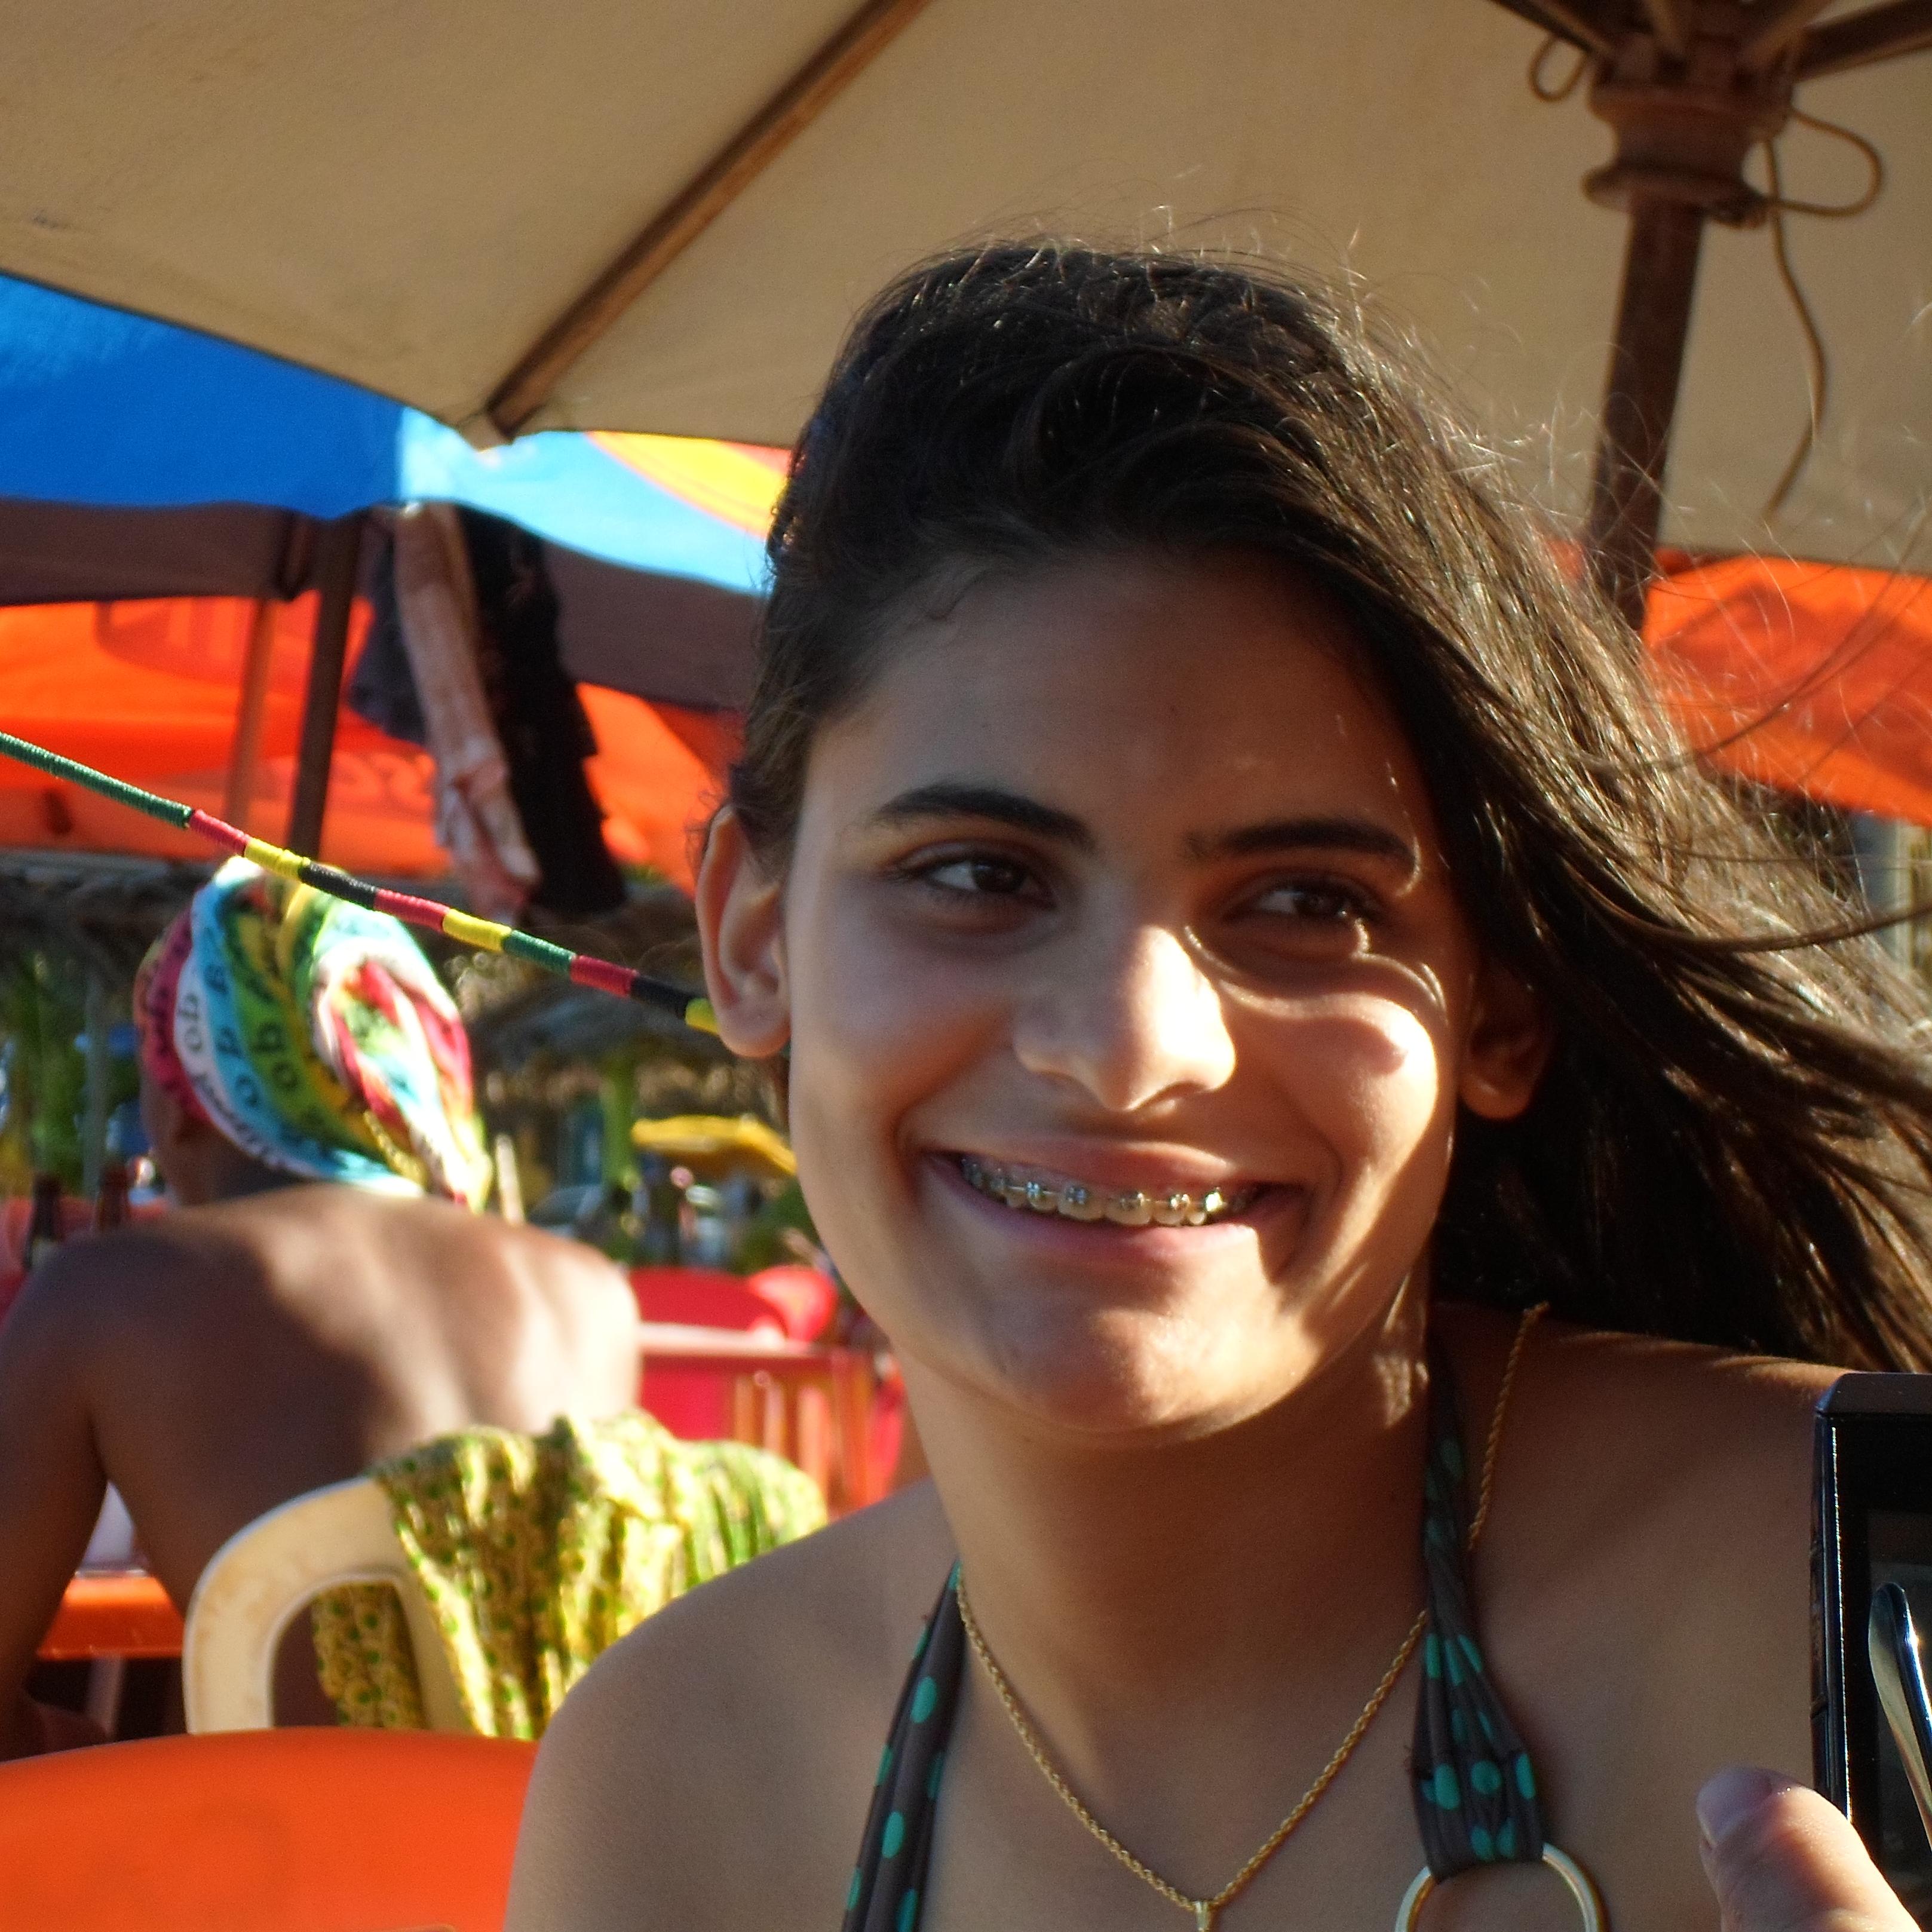 Natila Rezende de Souza